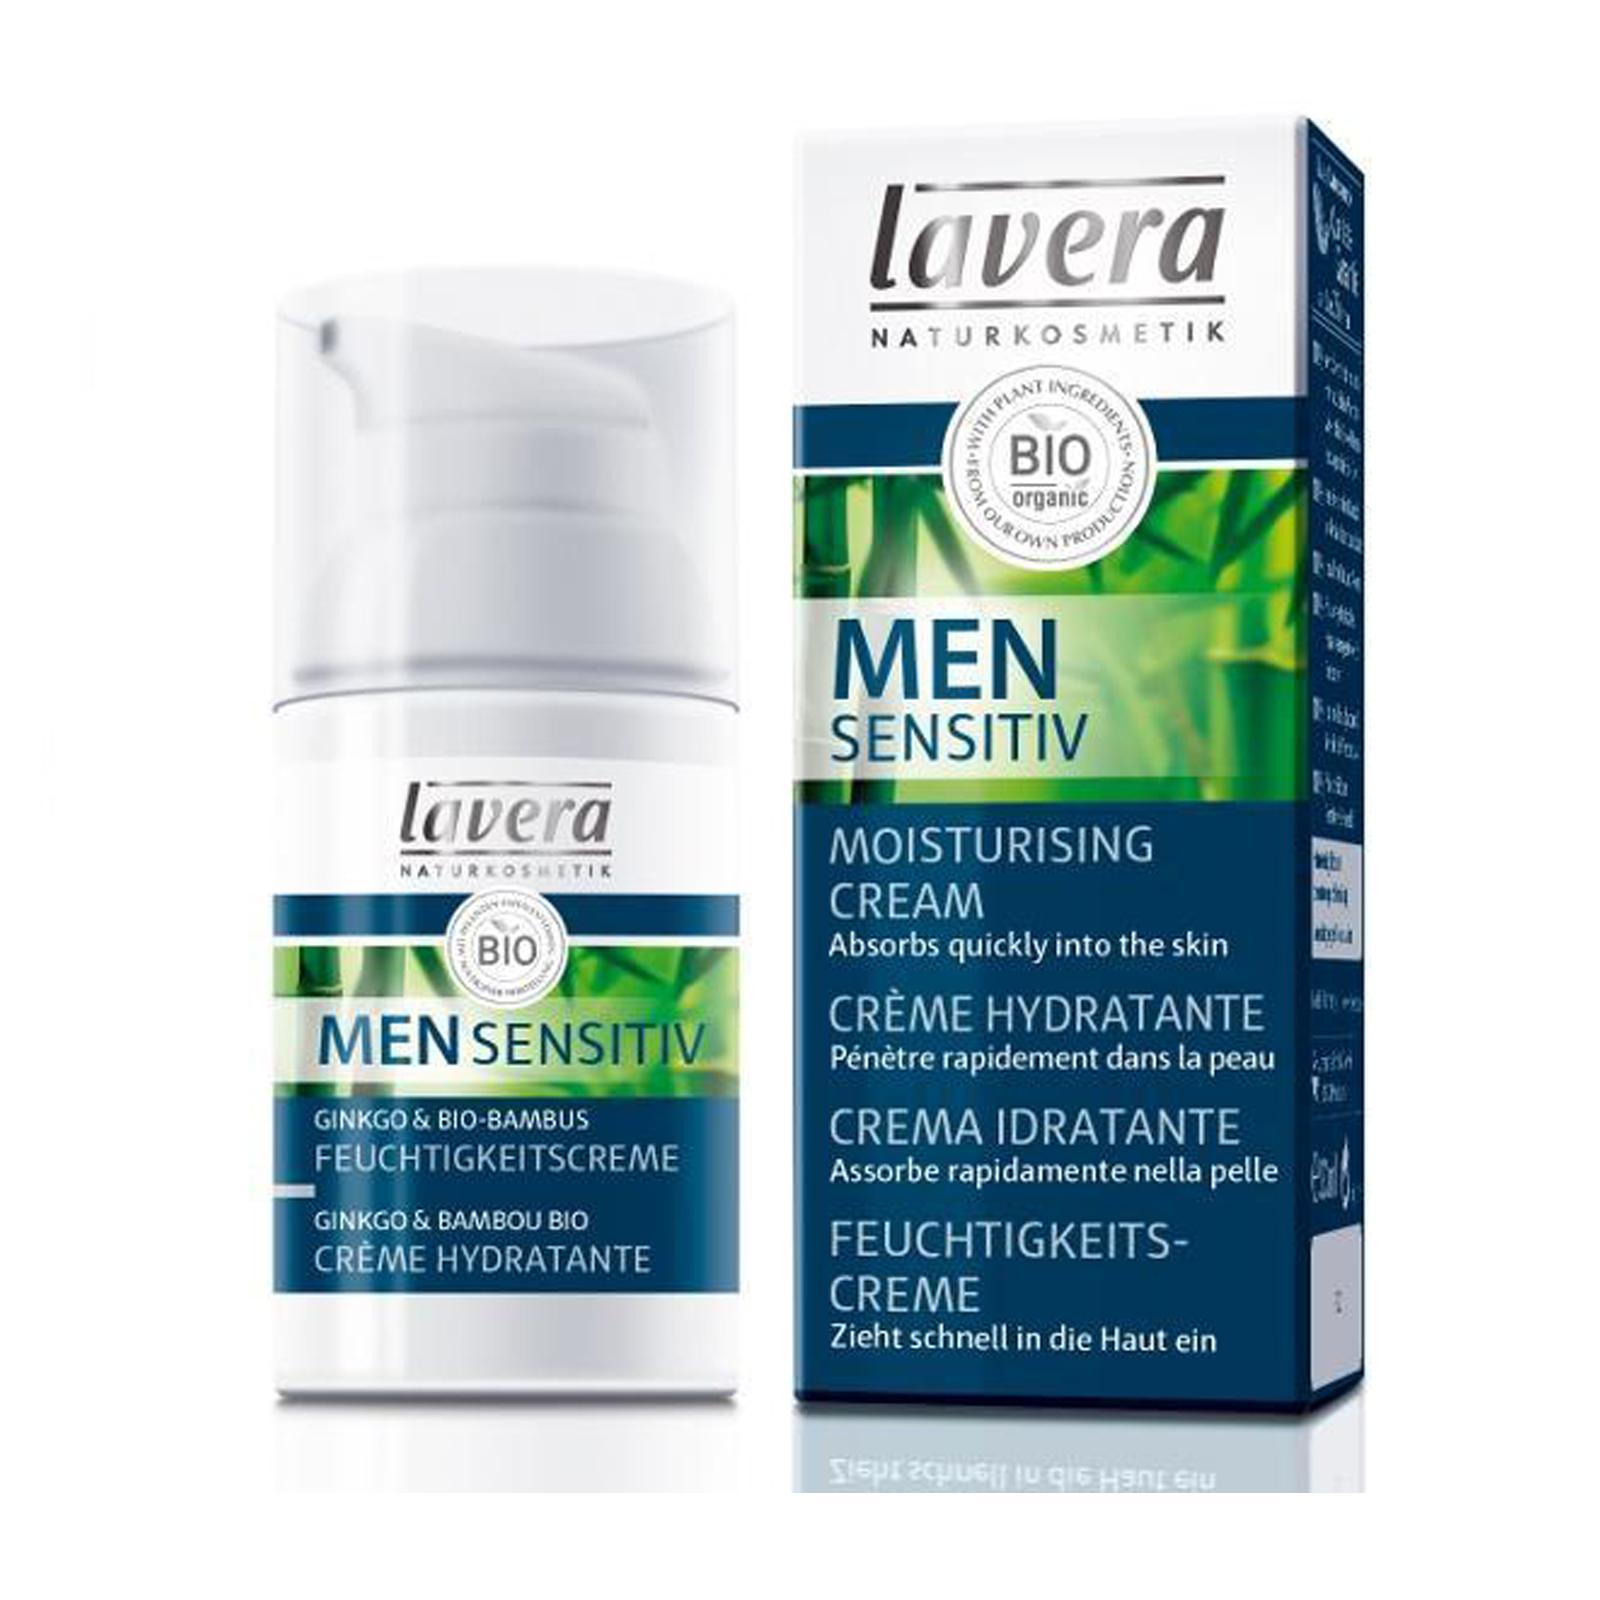 Lavera Krém hydratační vyživující, Men Sensitiv 30 ml